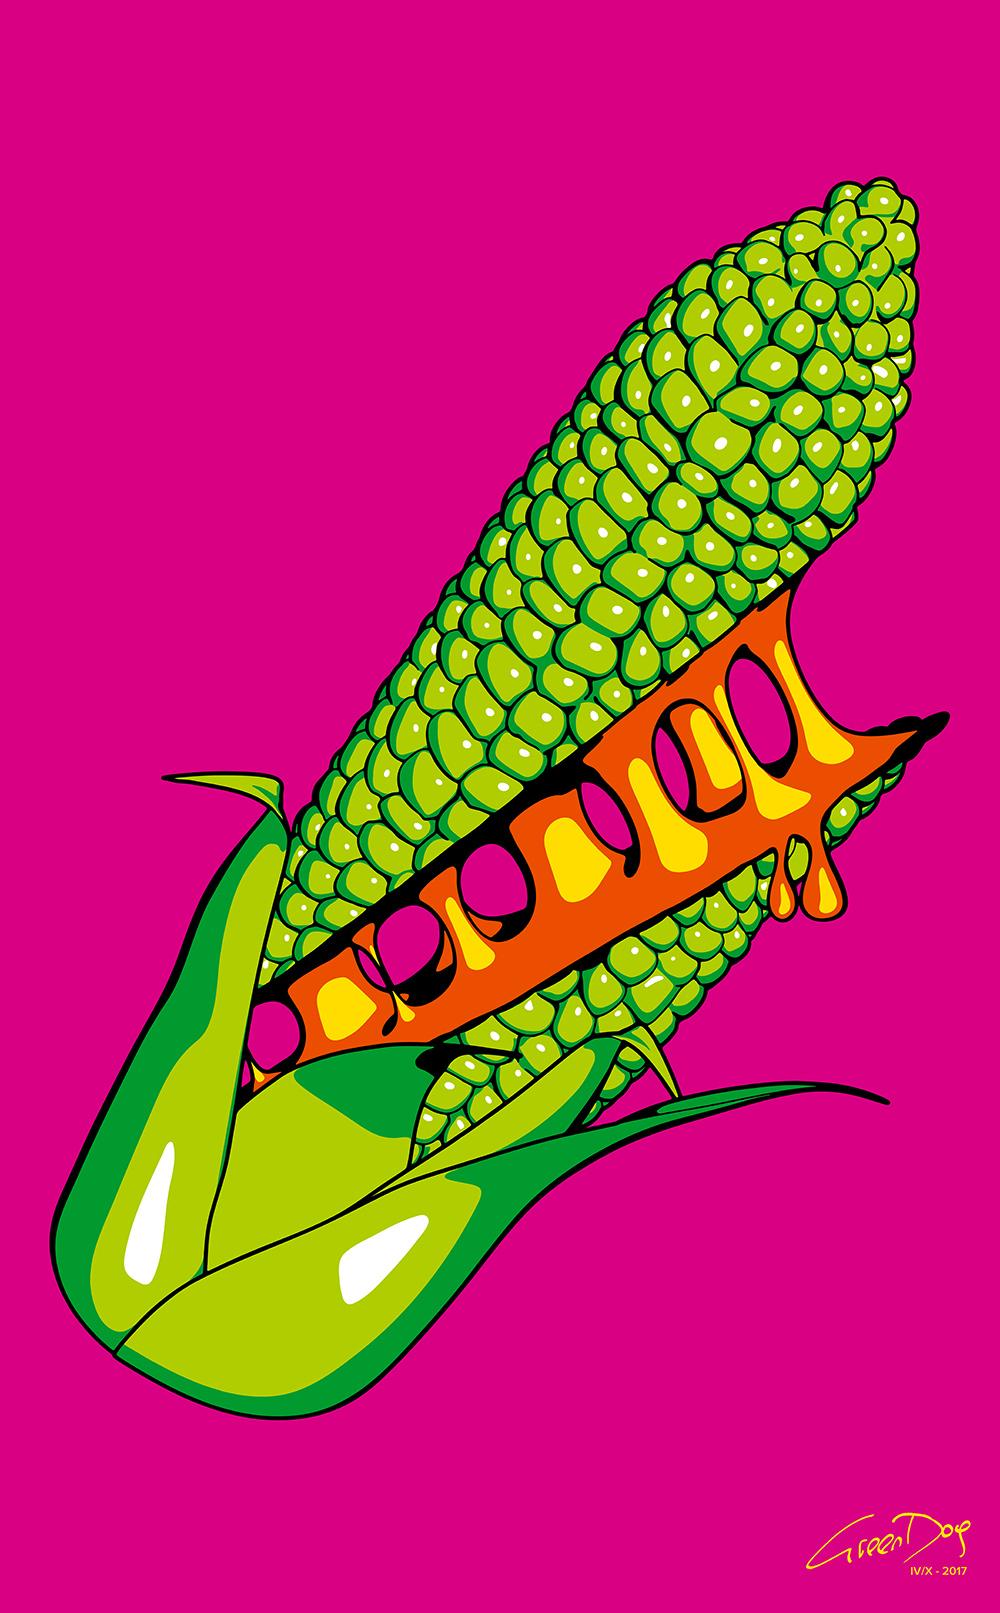 corn_web.jpg